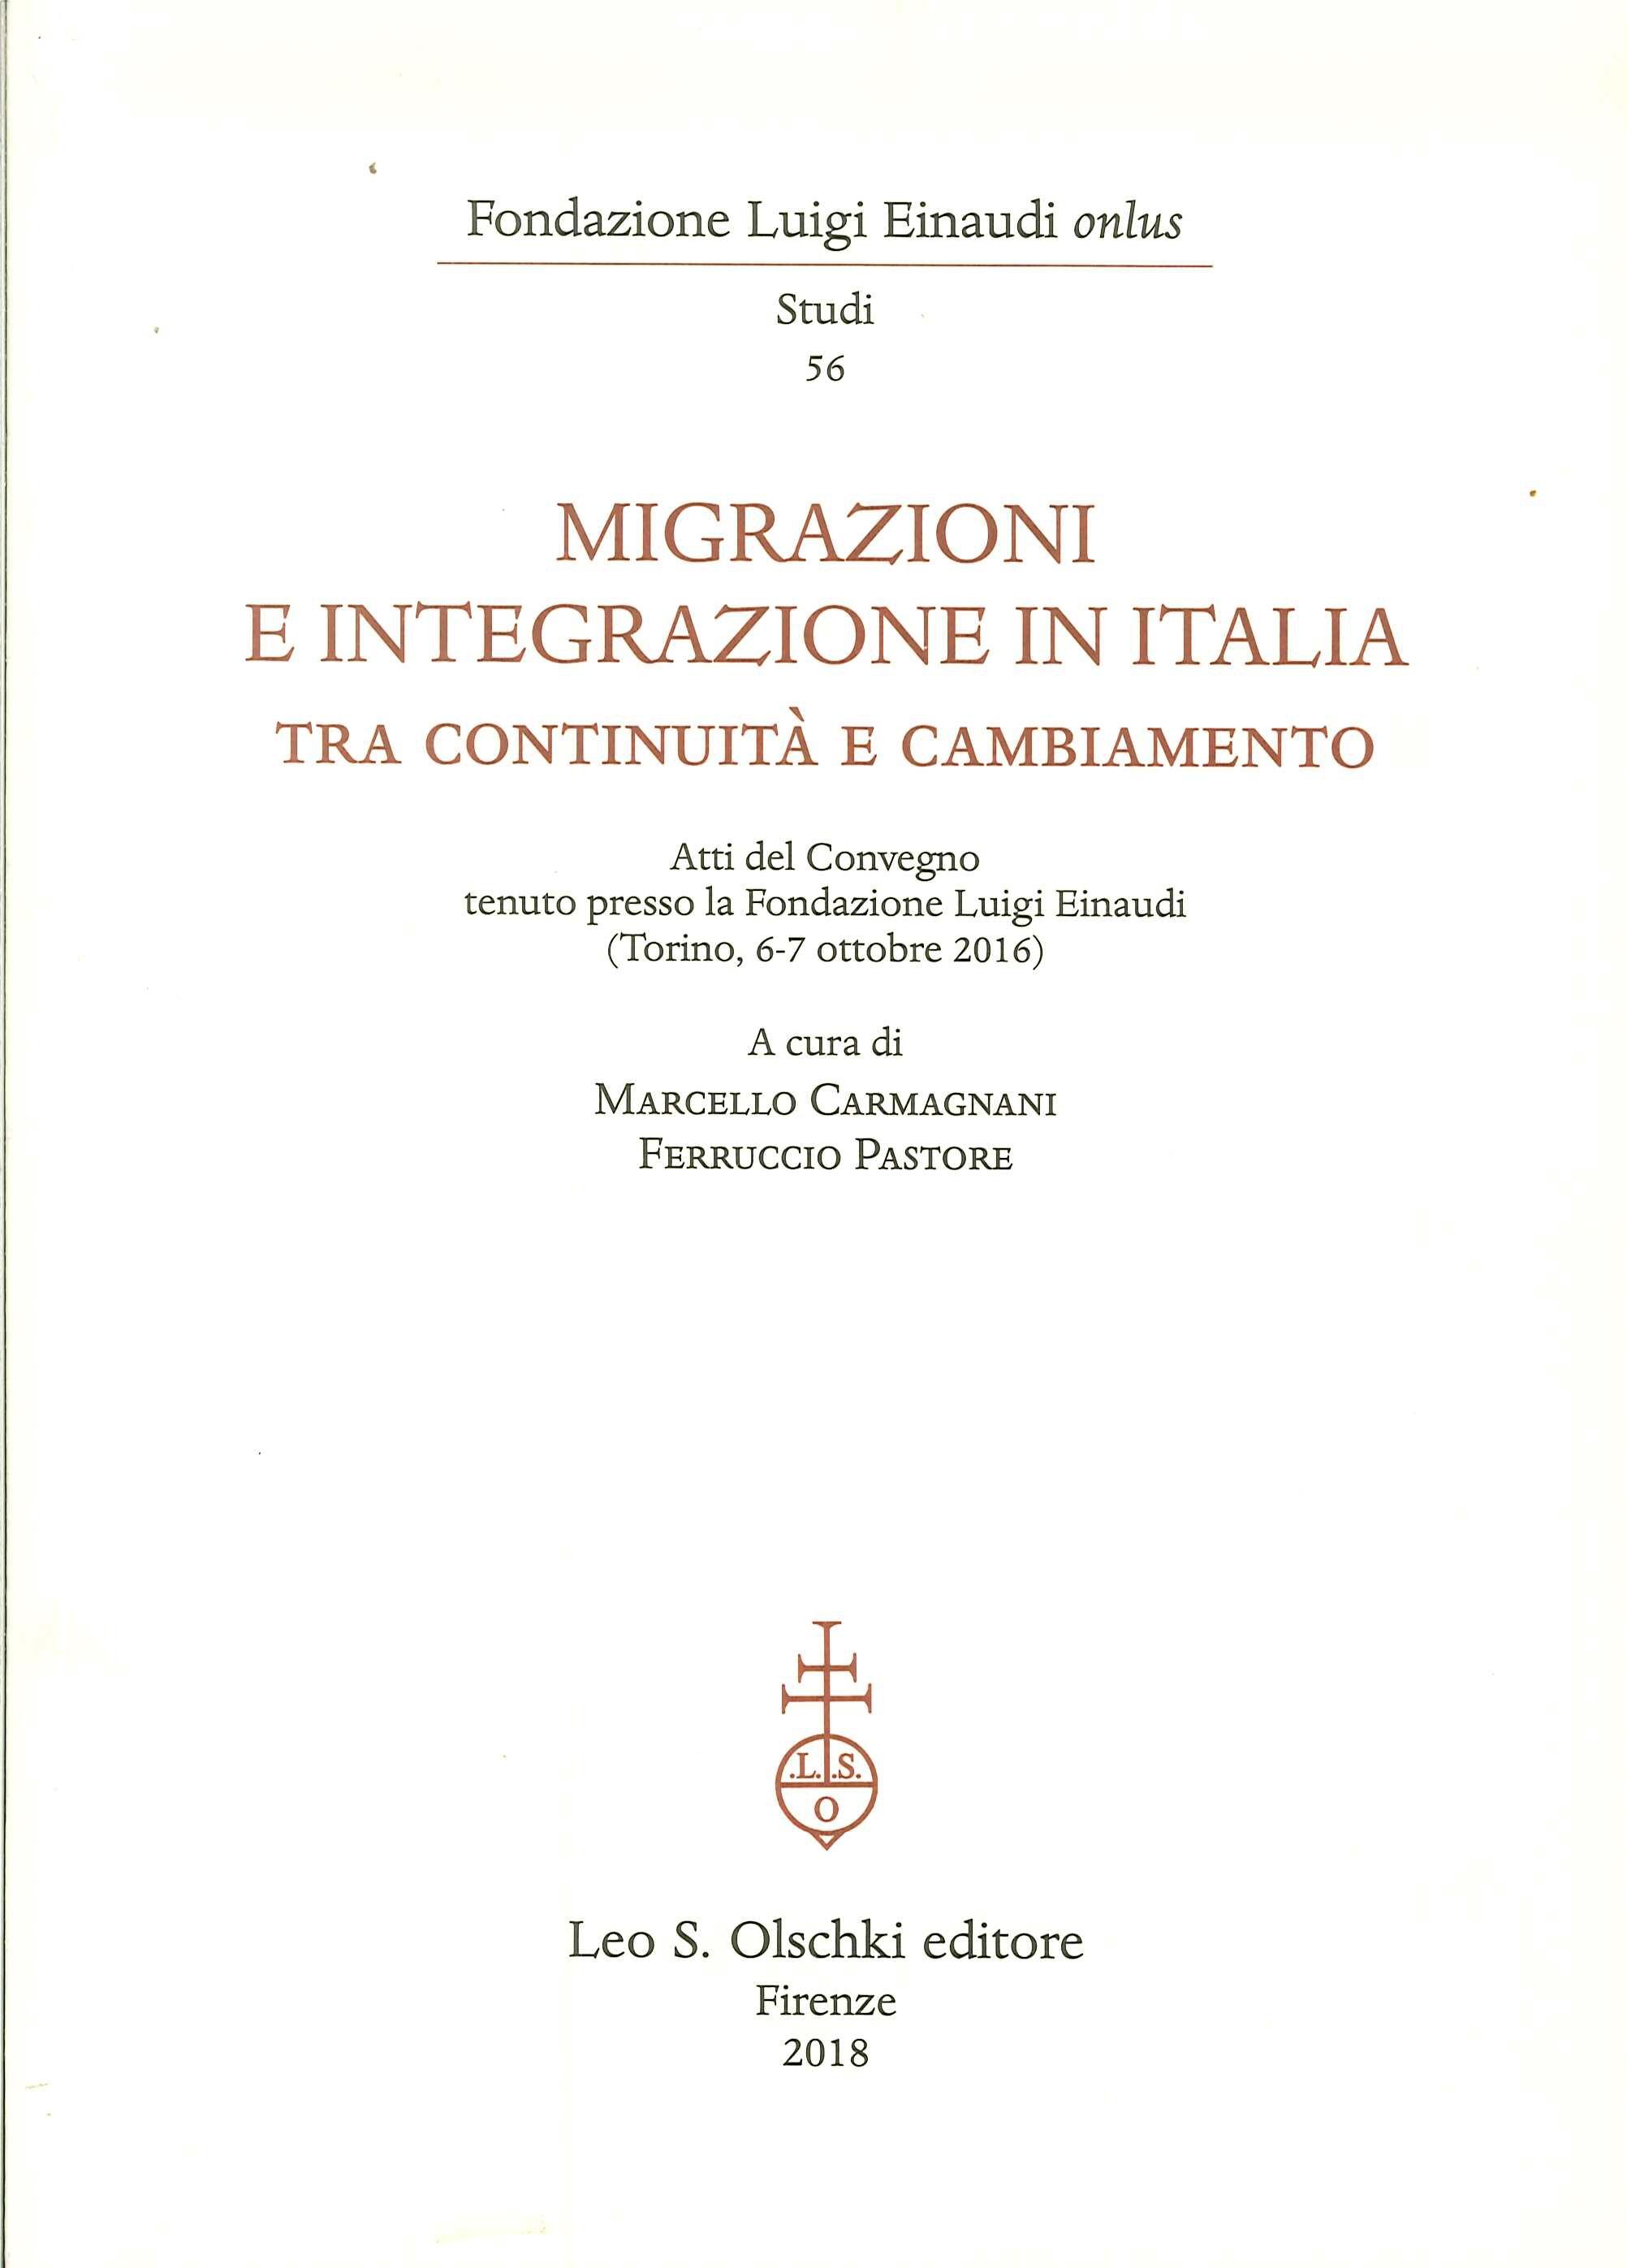 Migrazioni e Integrazione in Italia tra continuità e cambiamento